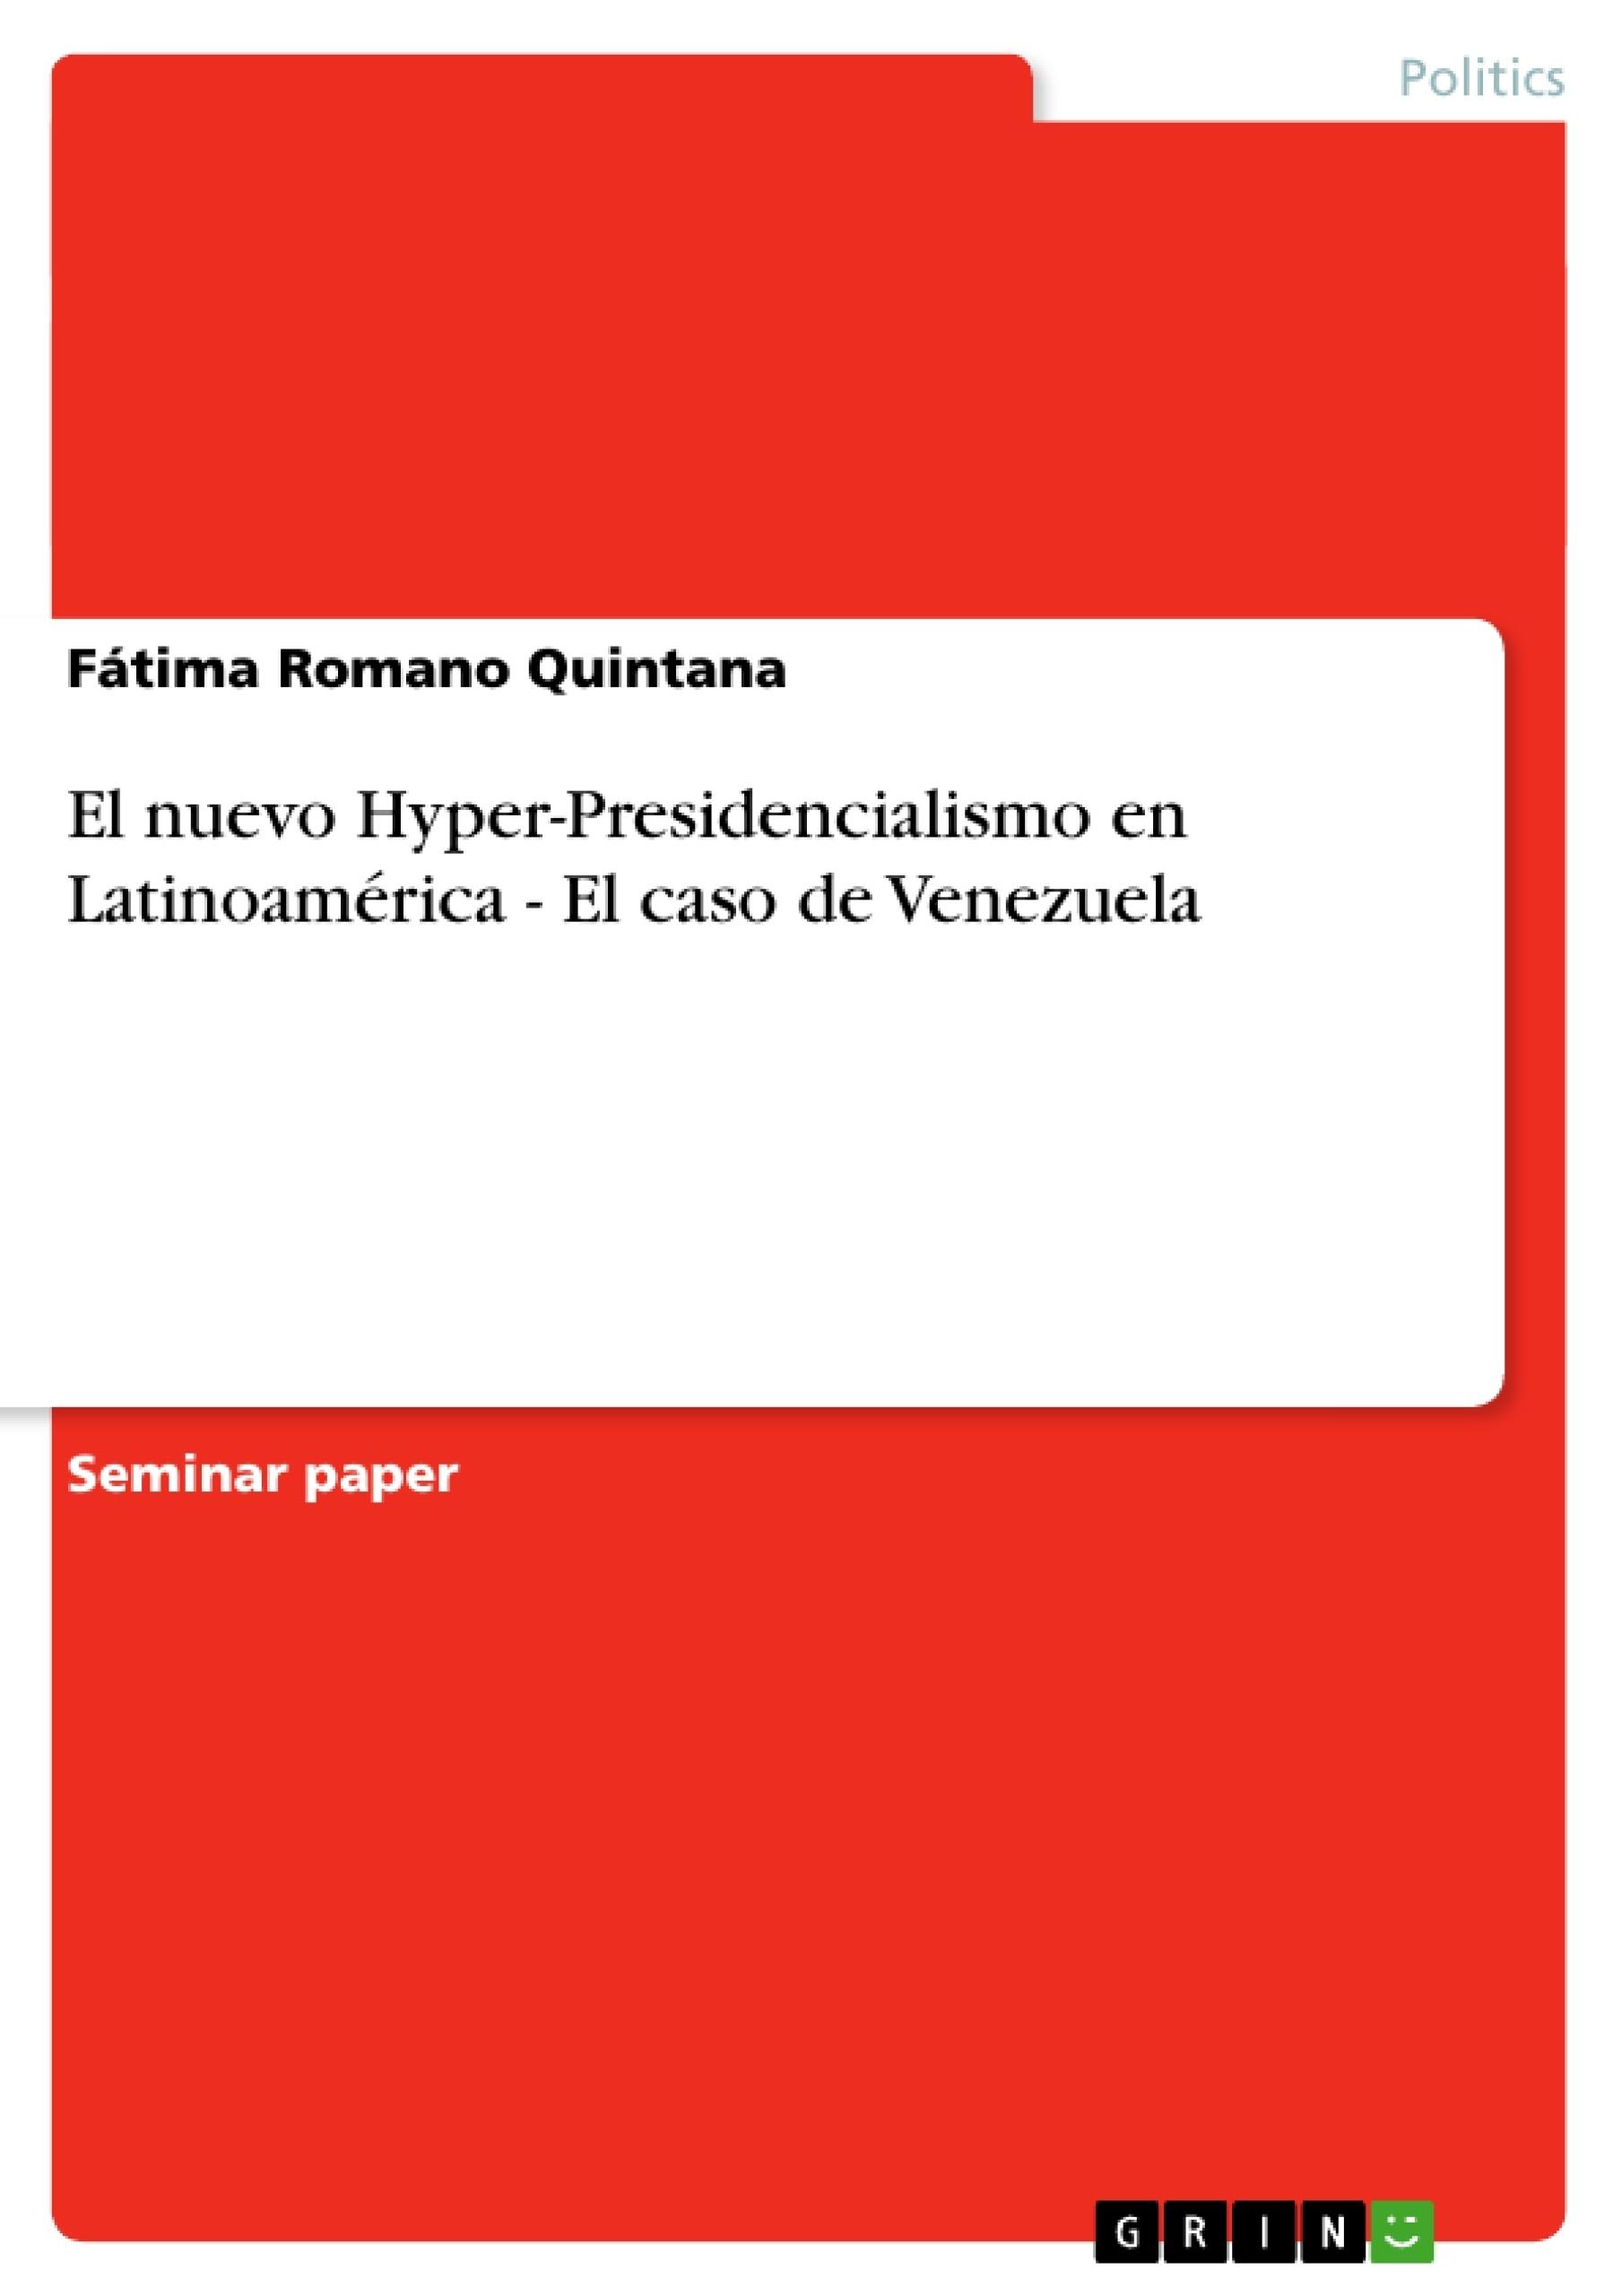 Título: El nuevo Hyper-Presidencialismo en Latinoamérica - El caso de Venezuela